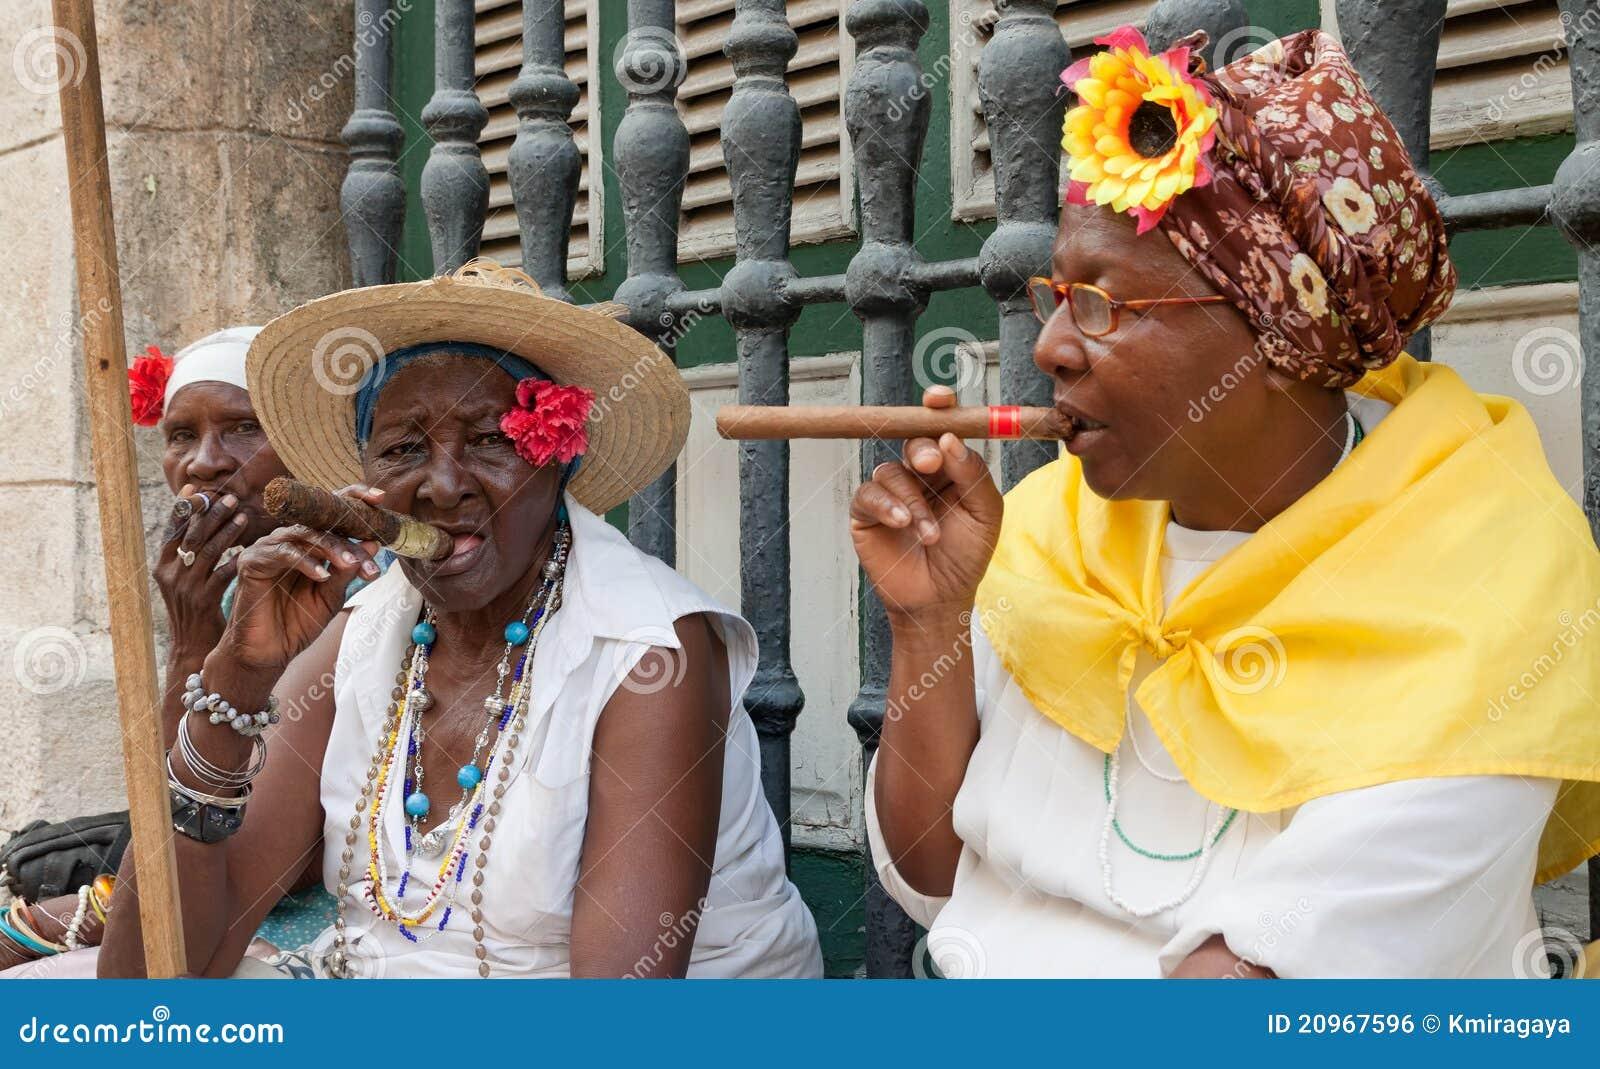 cubaanse vrouwen dating Sigaren en vrouwen hebben een magische uitwerking op hans blokzijl een gesprek in het designhuis van baarn met ria bos tijdens een sigaren en.